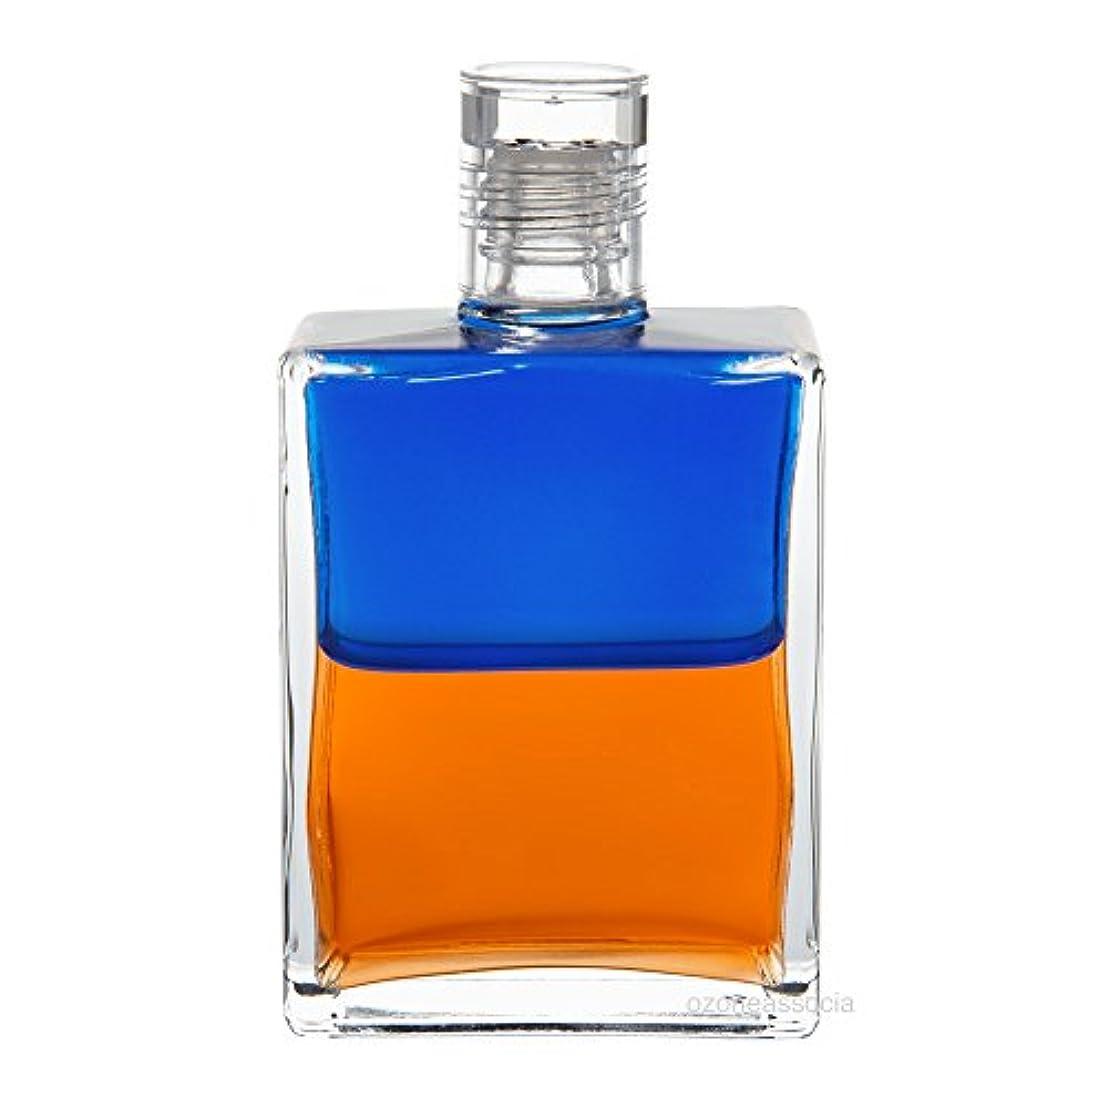 ペネロペホイッスルたるみオーラソーマ ボトル 72番  クラウン/ピエロ (ブルー/オレンジ) イクイリブリアムボトル50ml Aurasoma